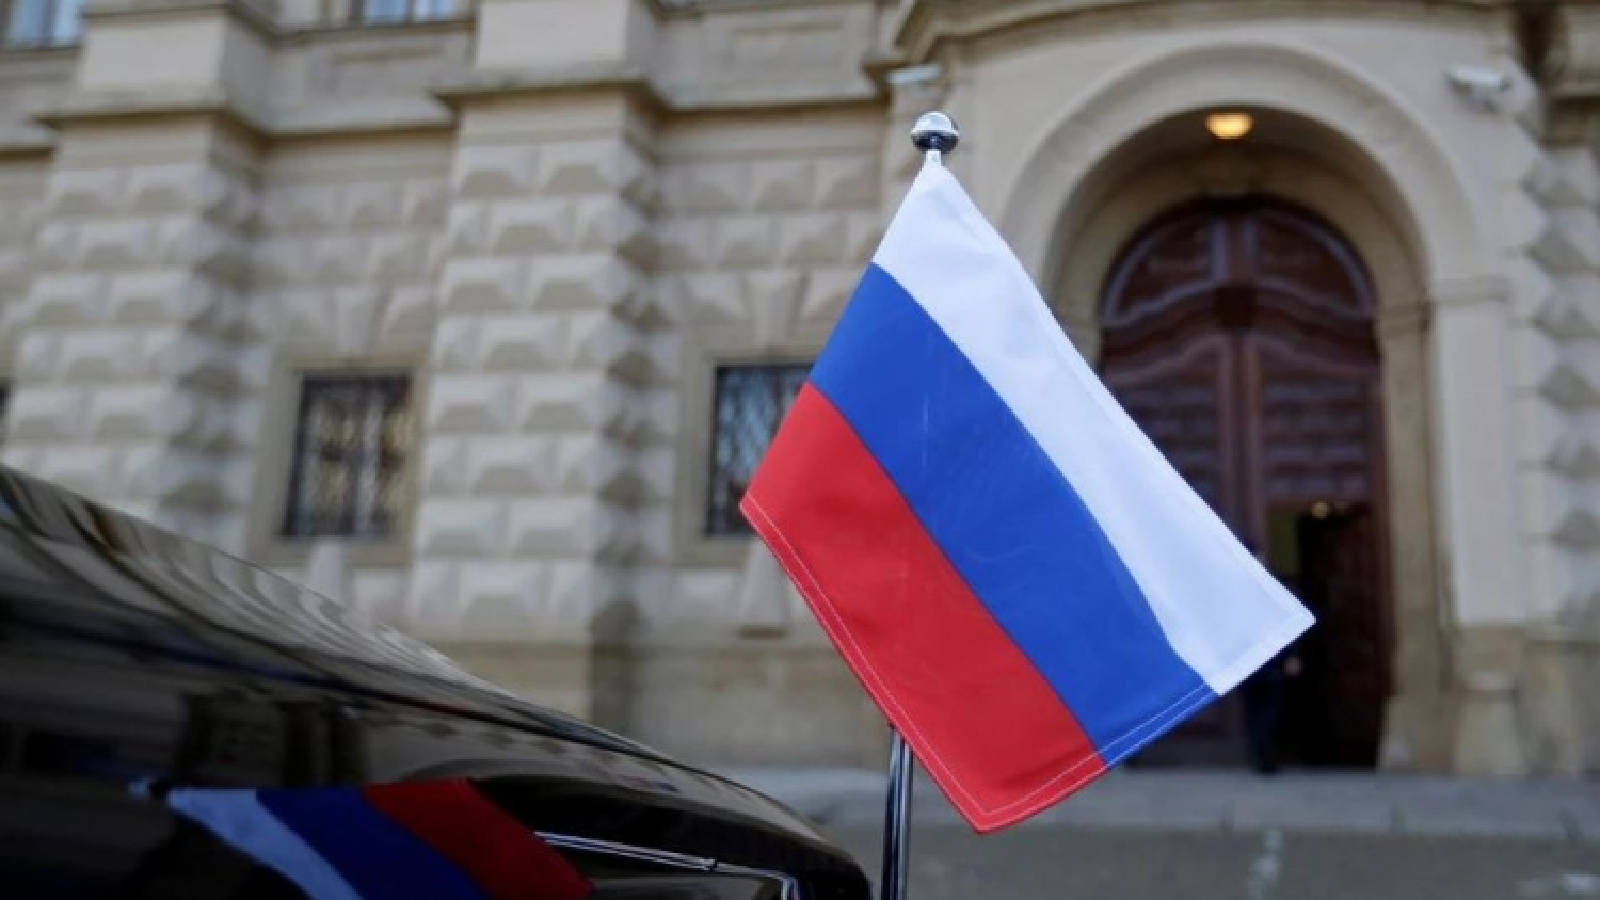 Căng thẳng không hạ nhiệt, Séc yêu cầu Nga bồi thường vụ nổ tại Vrbetice